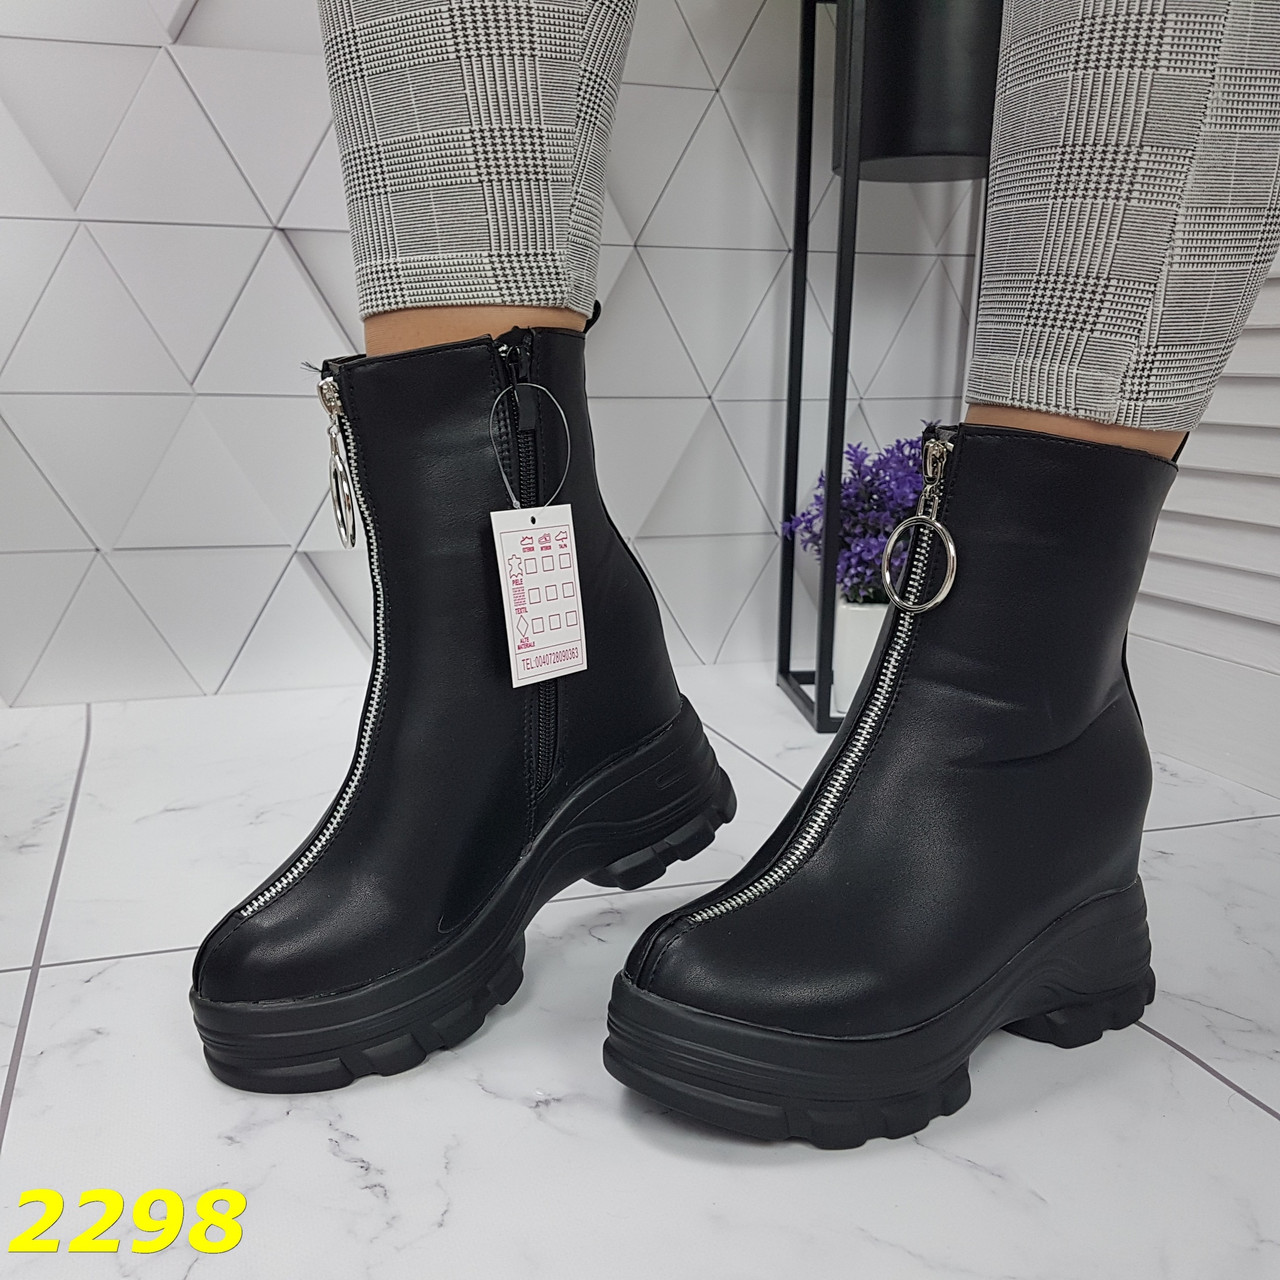 Ботинки женские осенние черные К2298